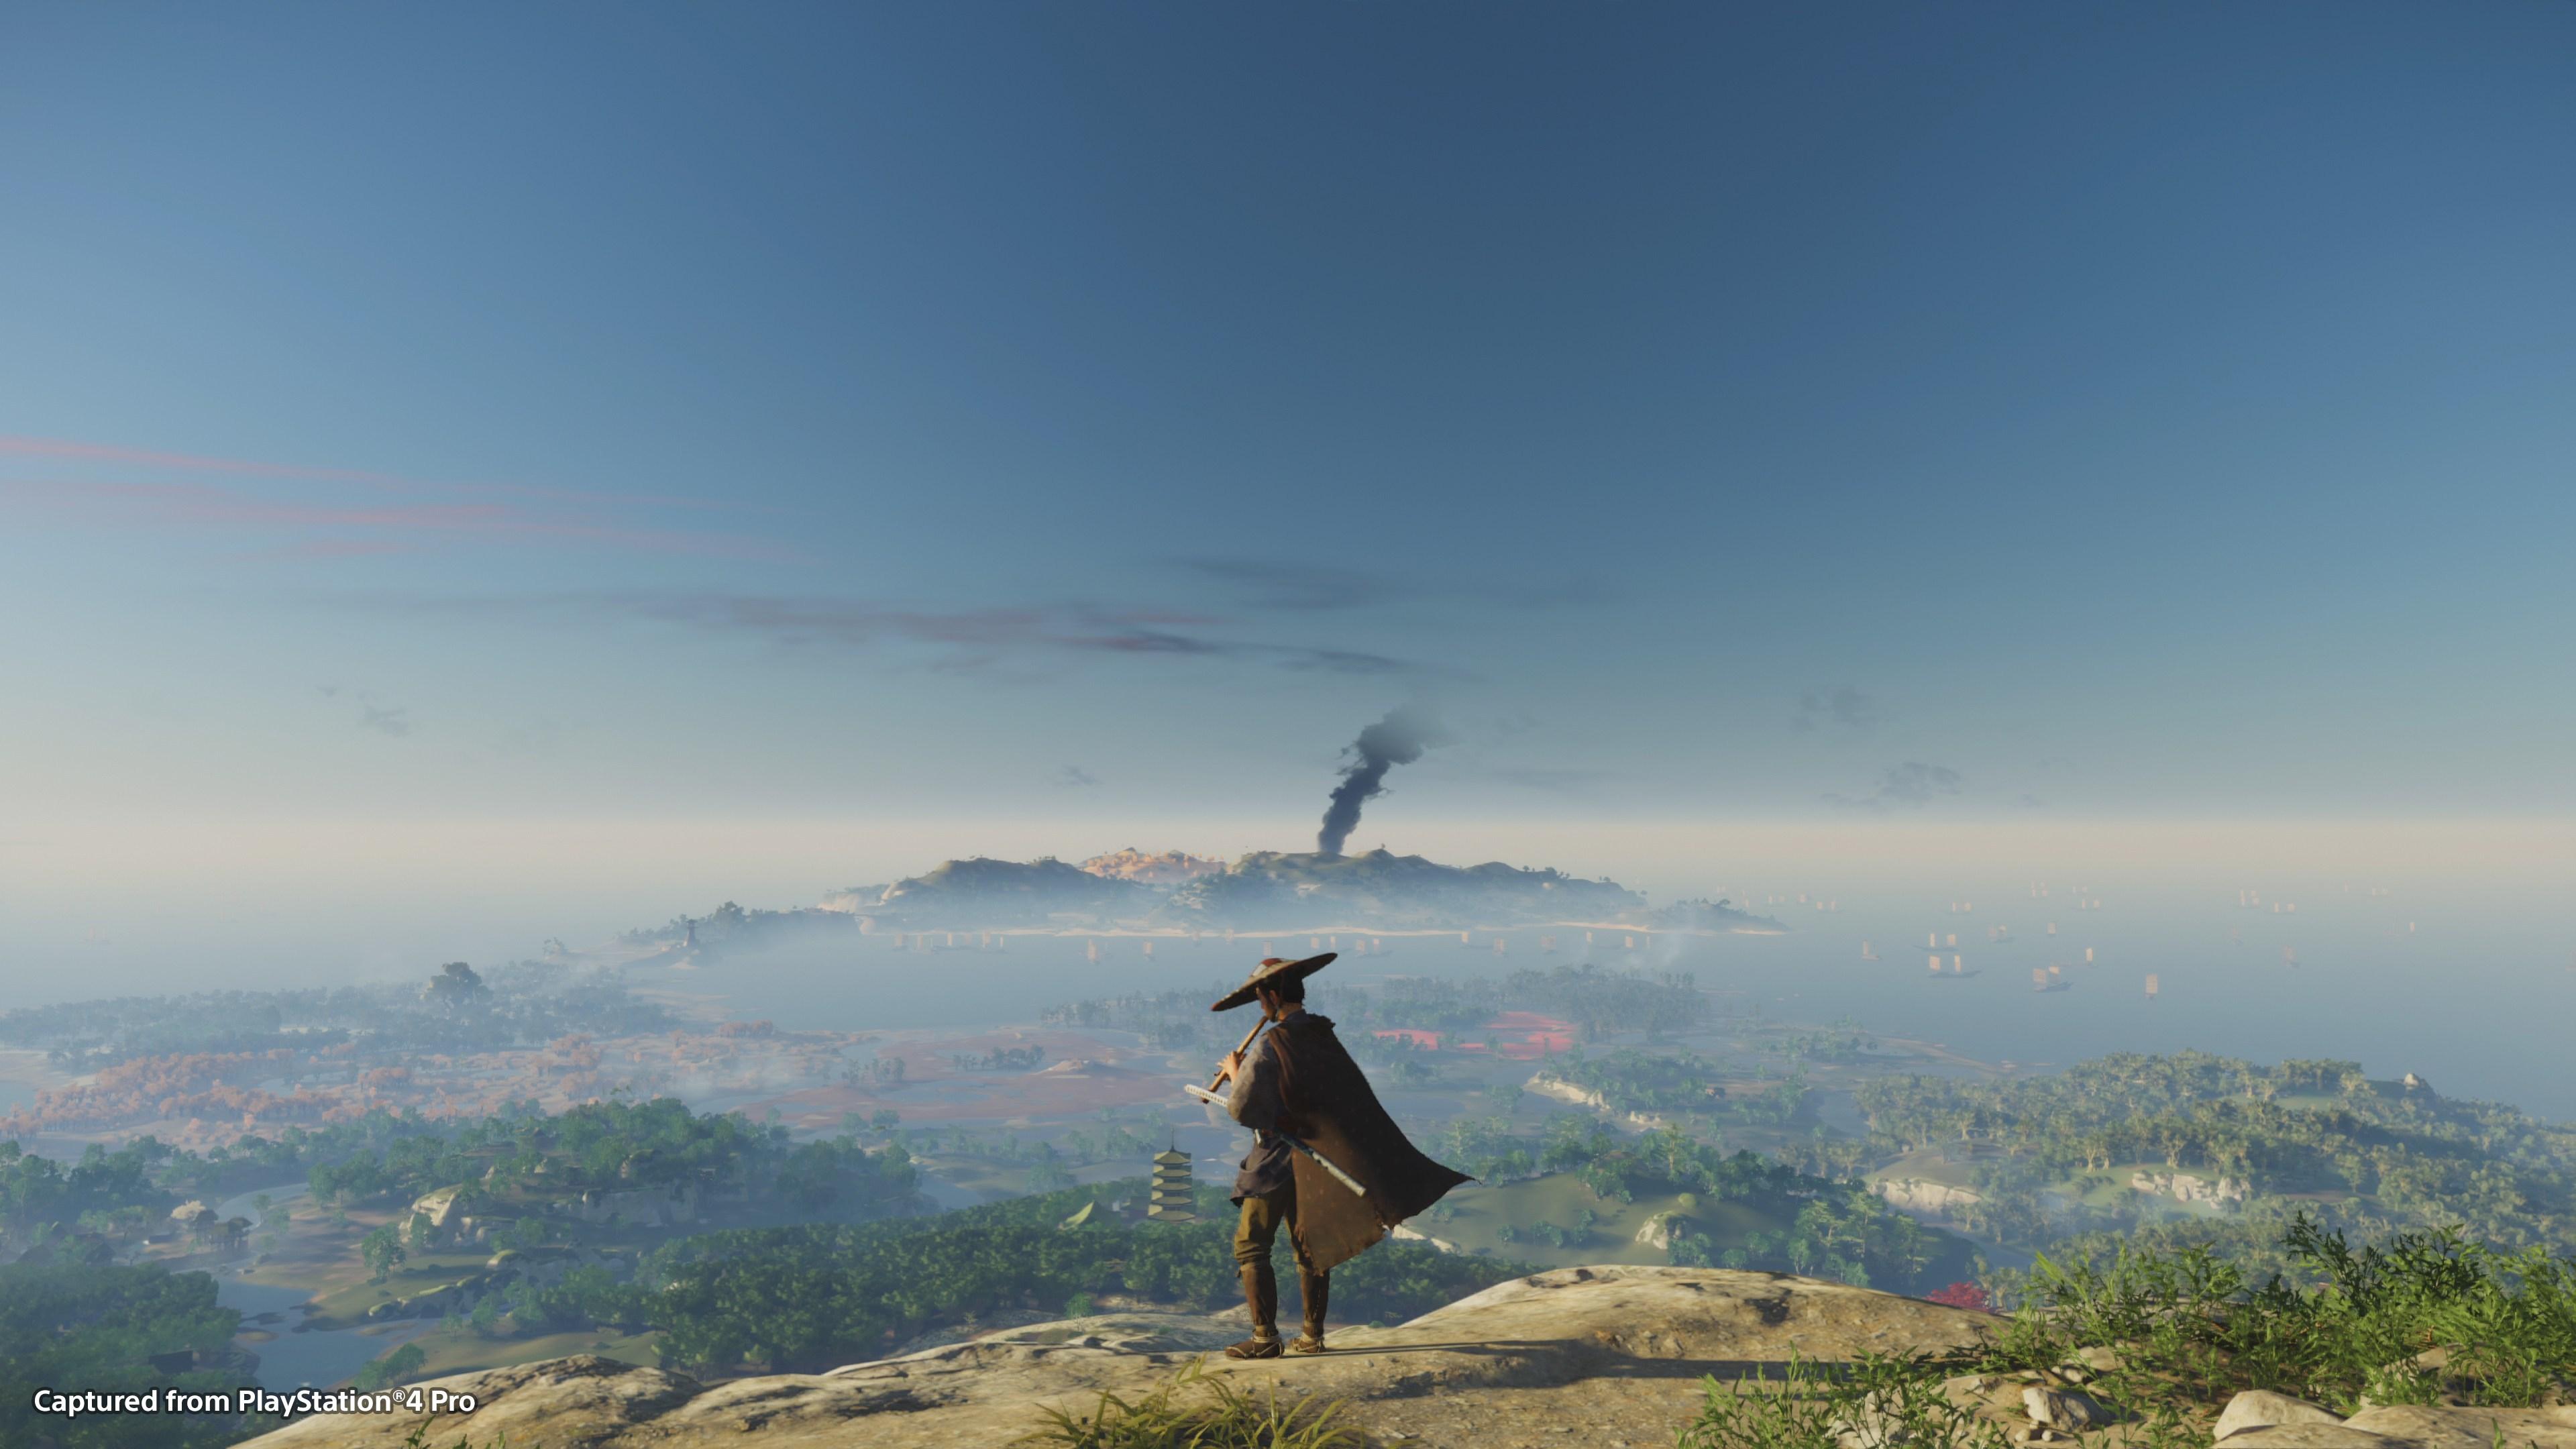 《对马岛之鬼》将榨干PS4 将性能发挥至极限